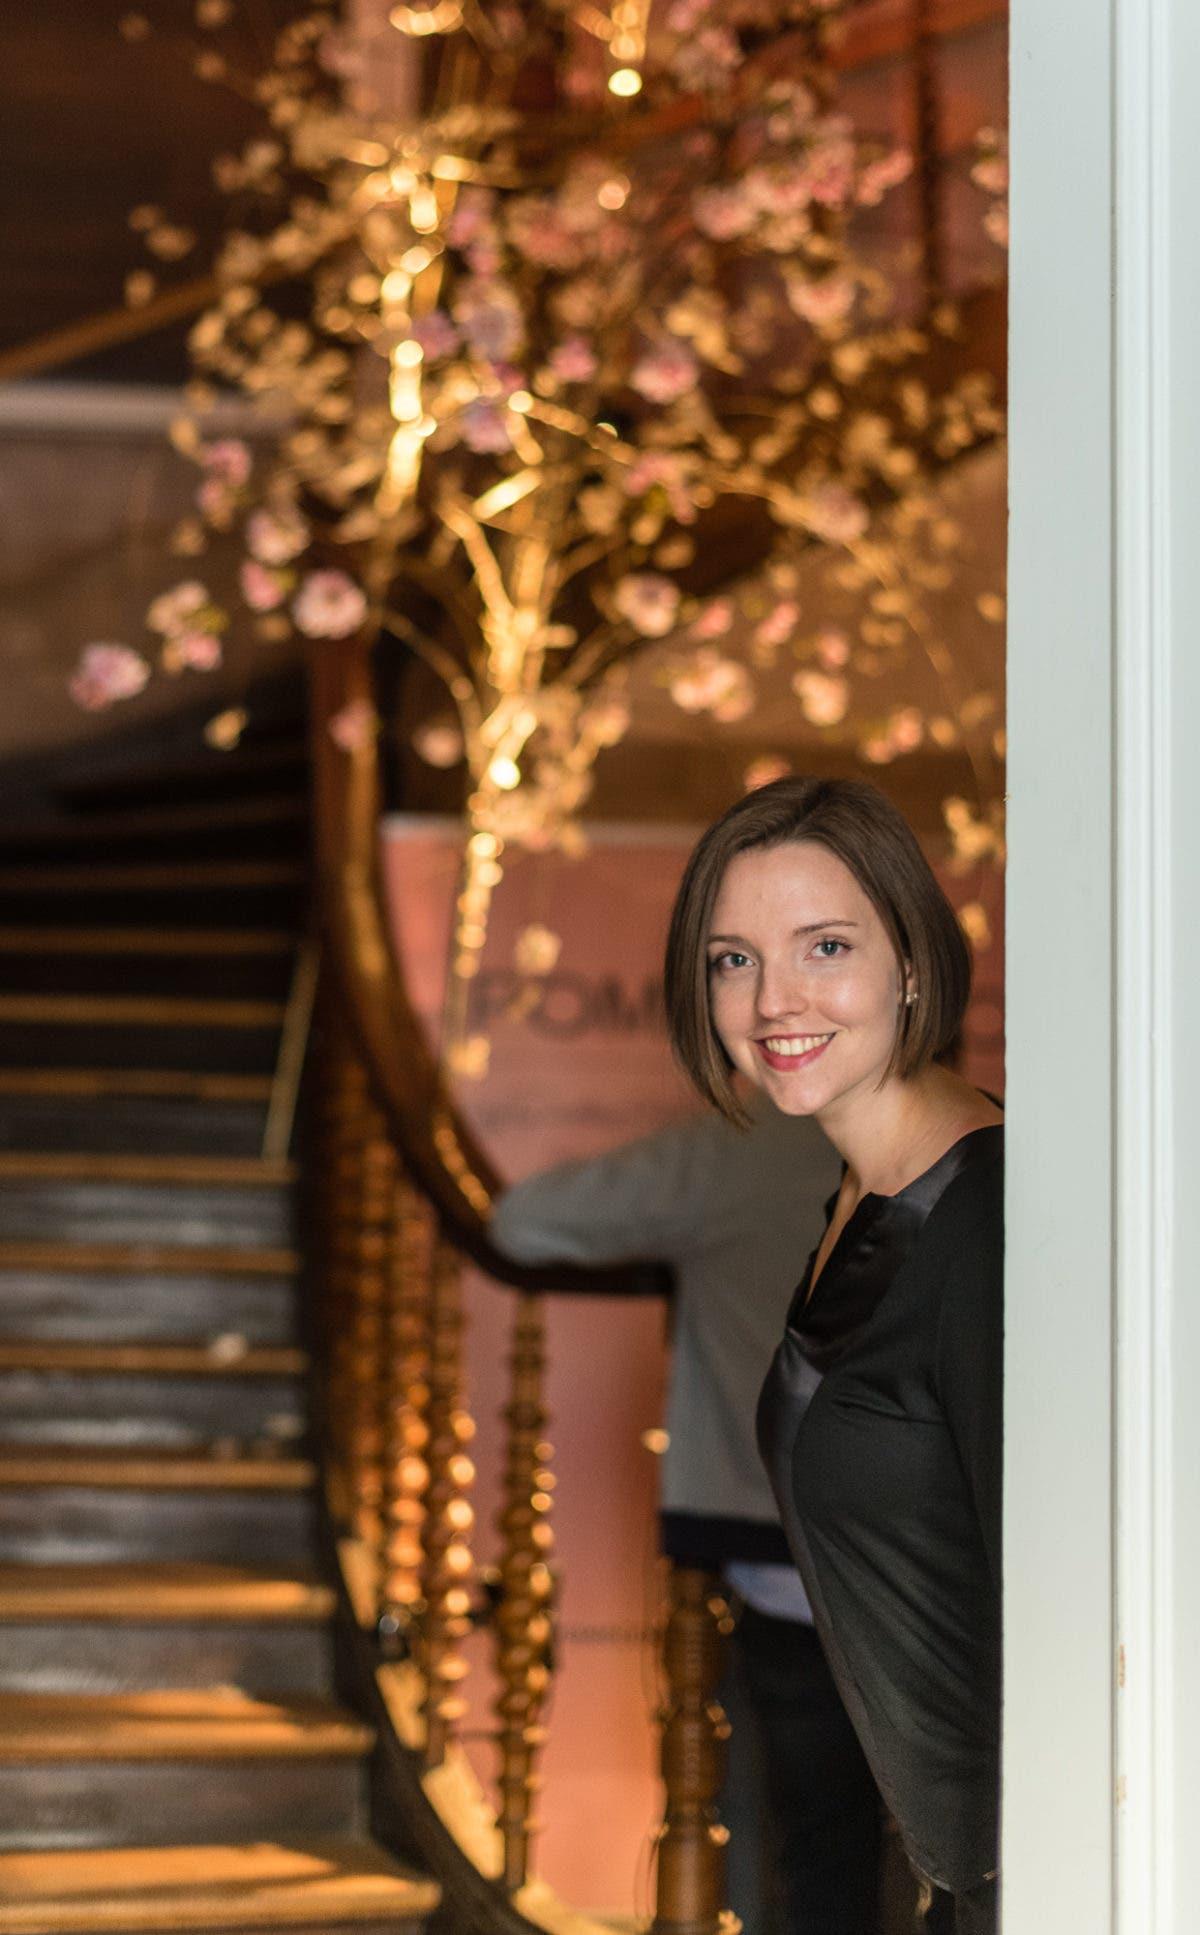 Frau steht vor Treppe und lächelt in die Kamera.